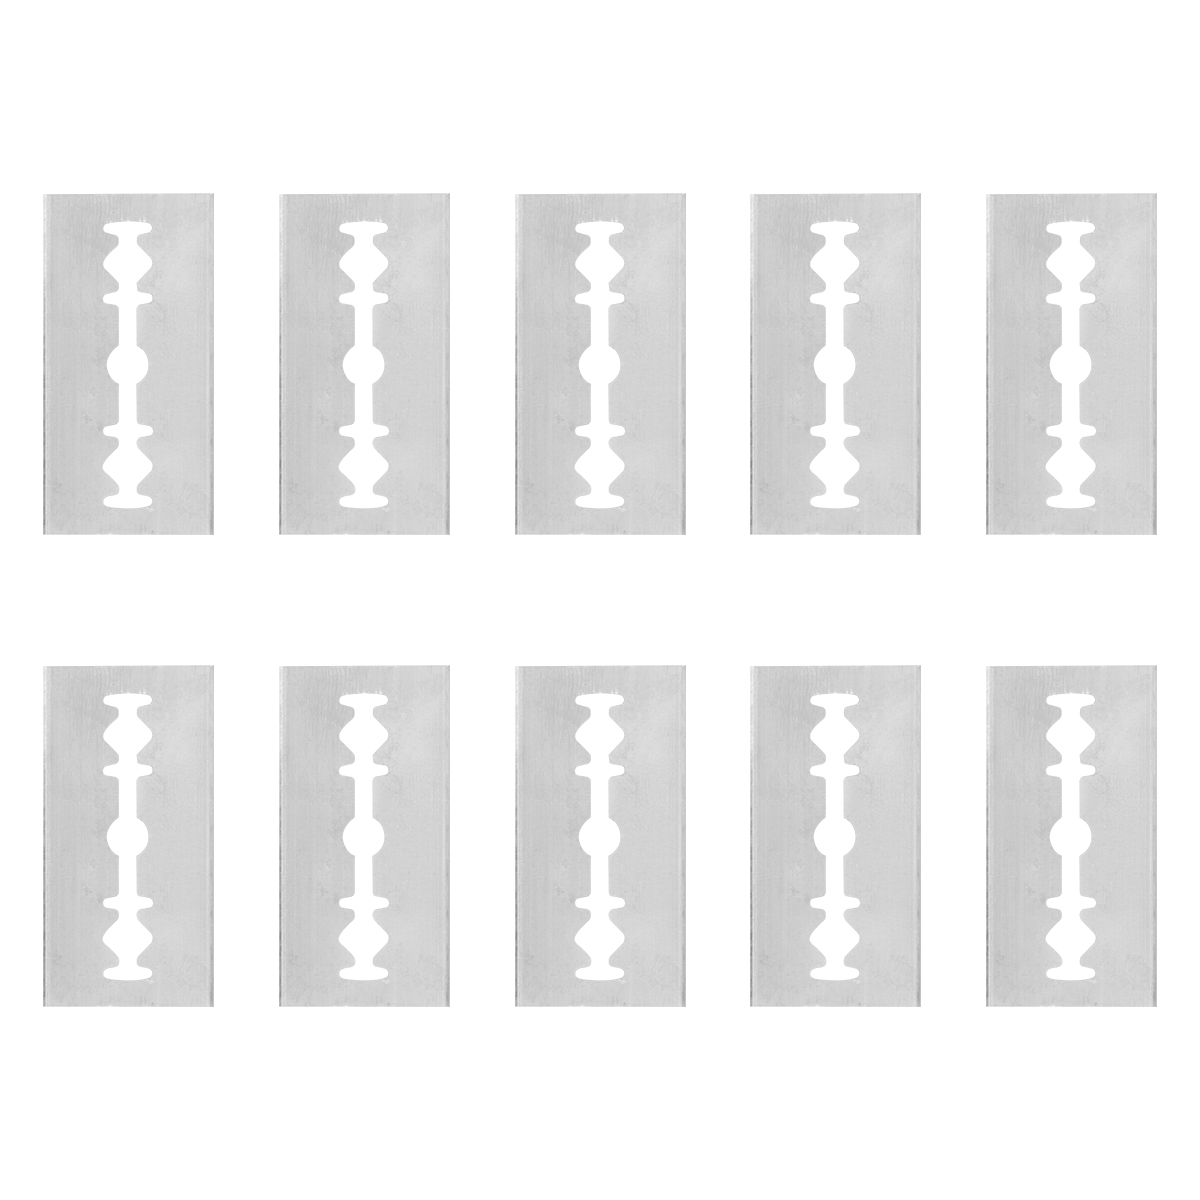 10 шт. аквариум водоросли Чистящая бритва Нержавеющаясталь коррозионно-стойкие лезвие аквариума инструмент для очистки аквариумных прина...